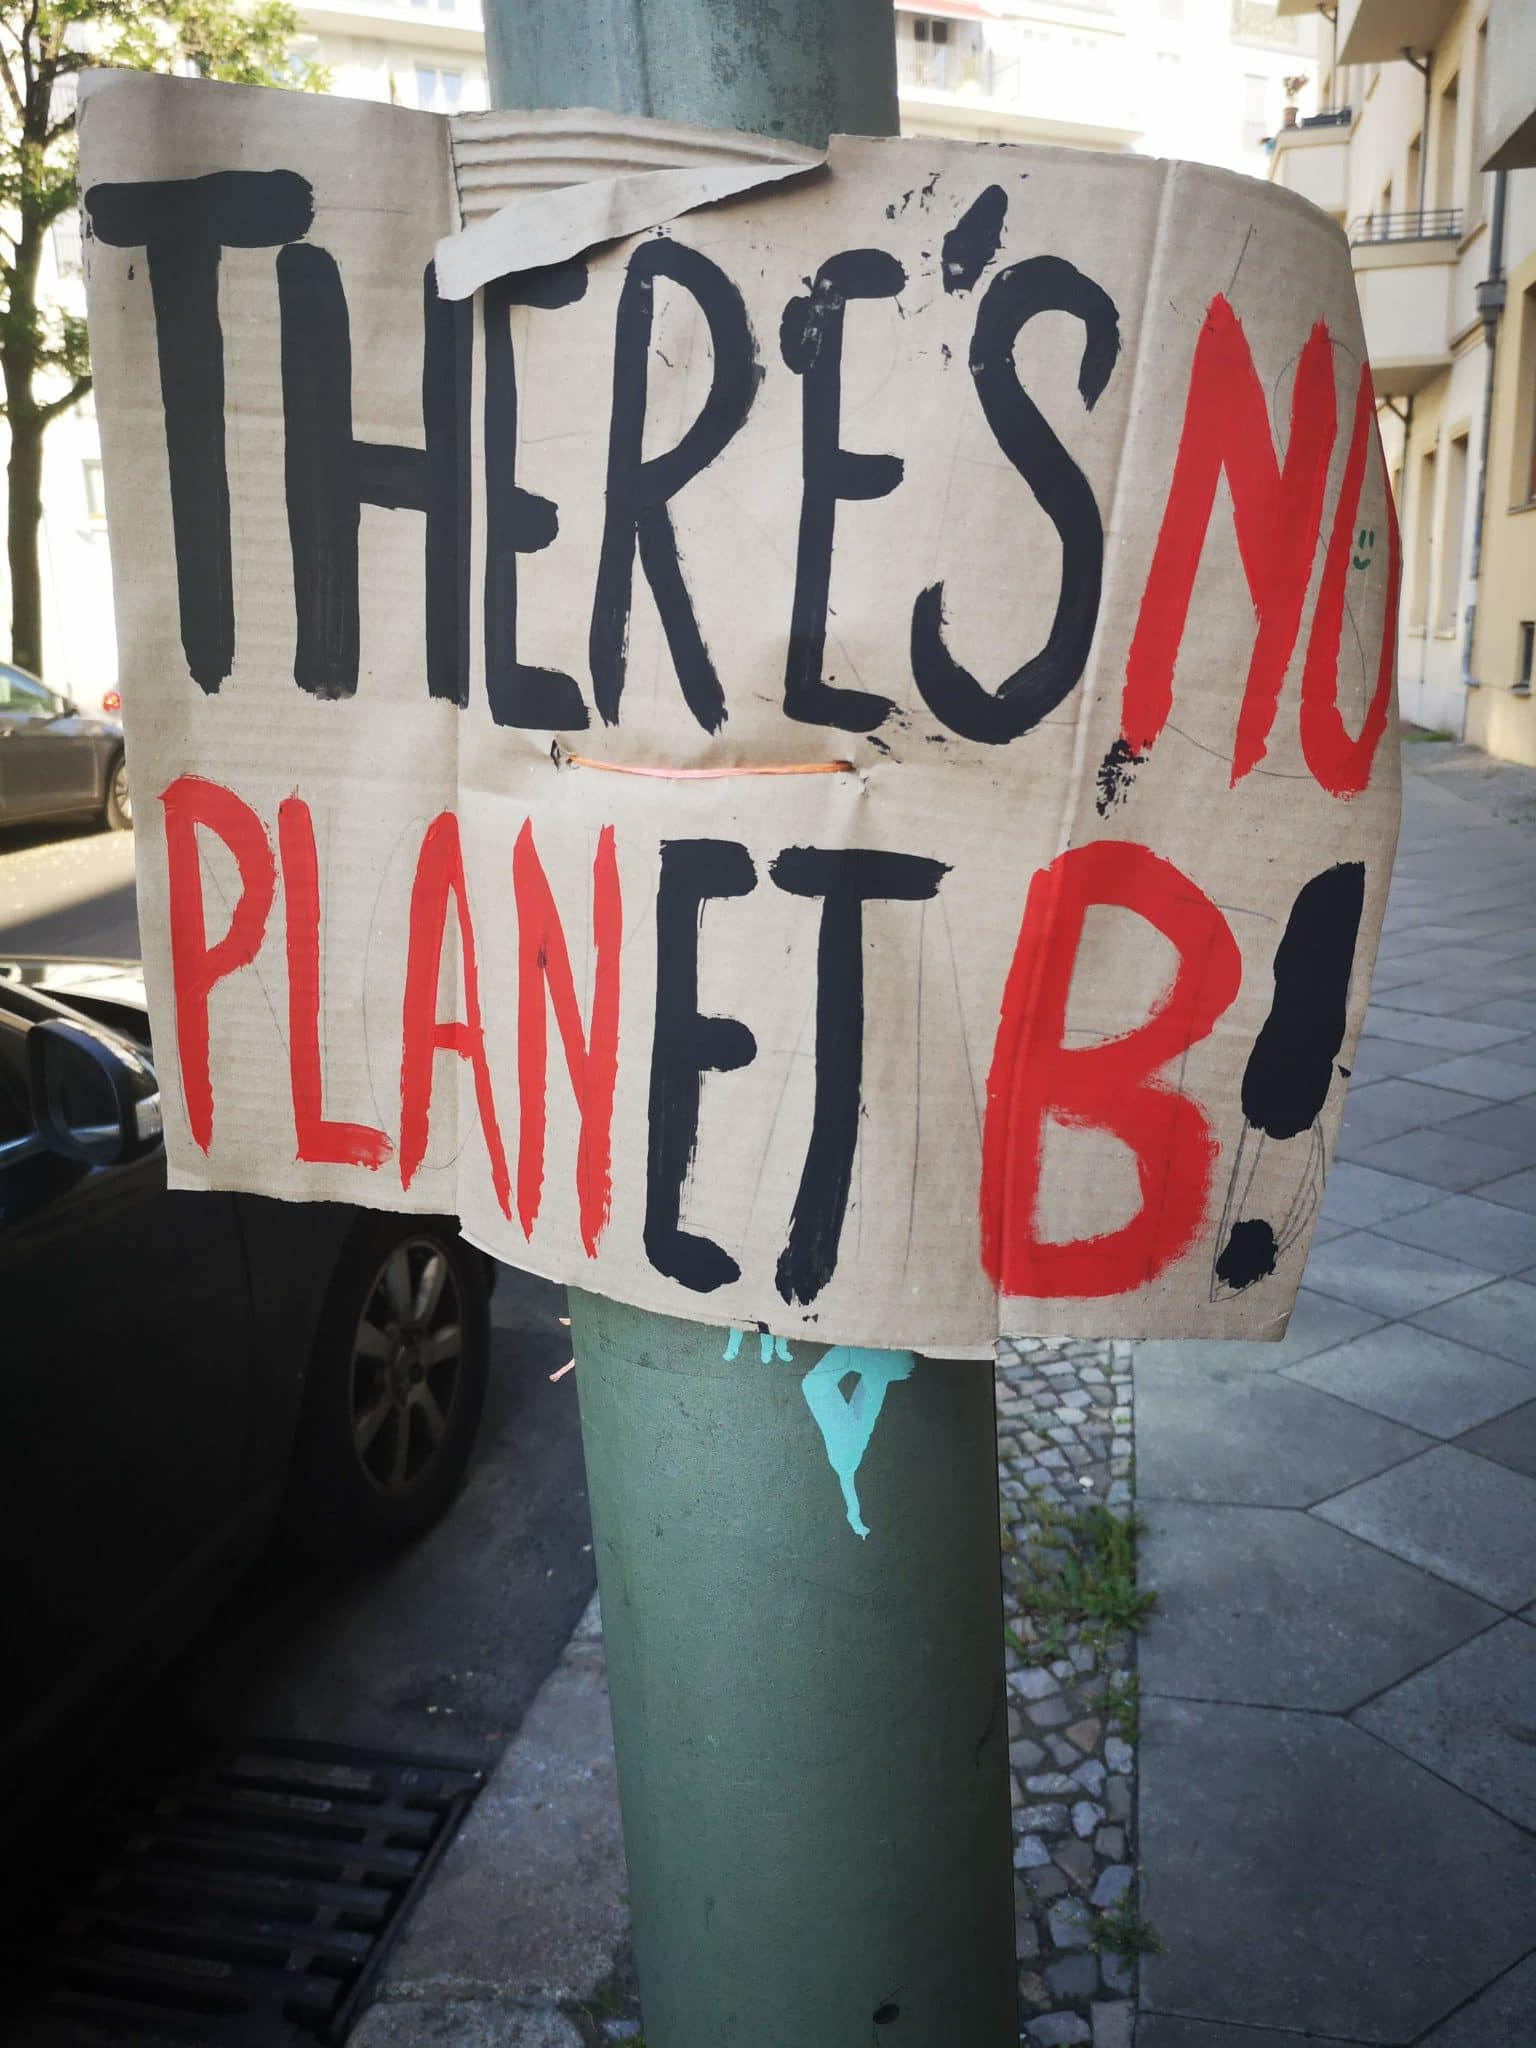 Ein gewelltes Plakat auf dem steht: There is no Planet b